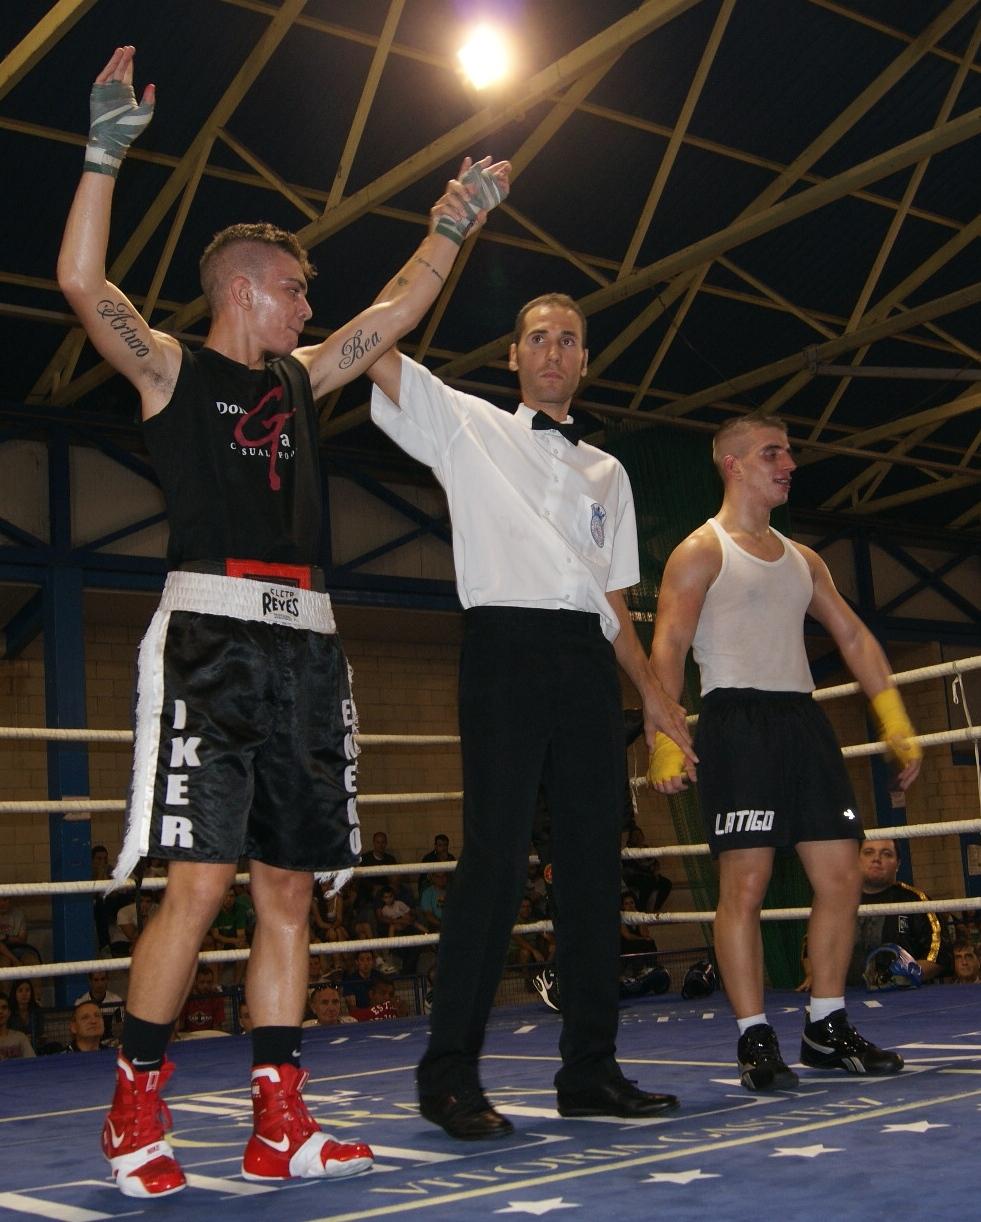 El árbitro levanta el brazo a Jon Fernández tras el combate de boxeo ante Sebas Pérez en Miranda de Ebro.